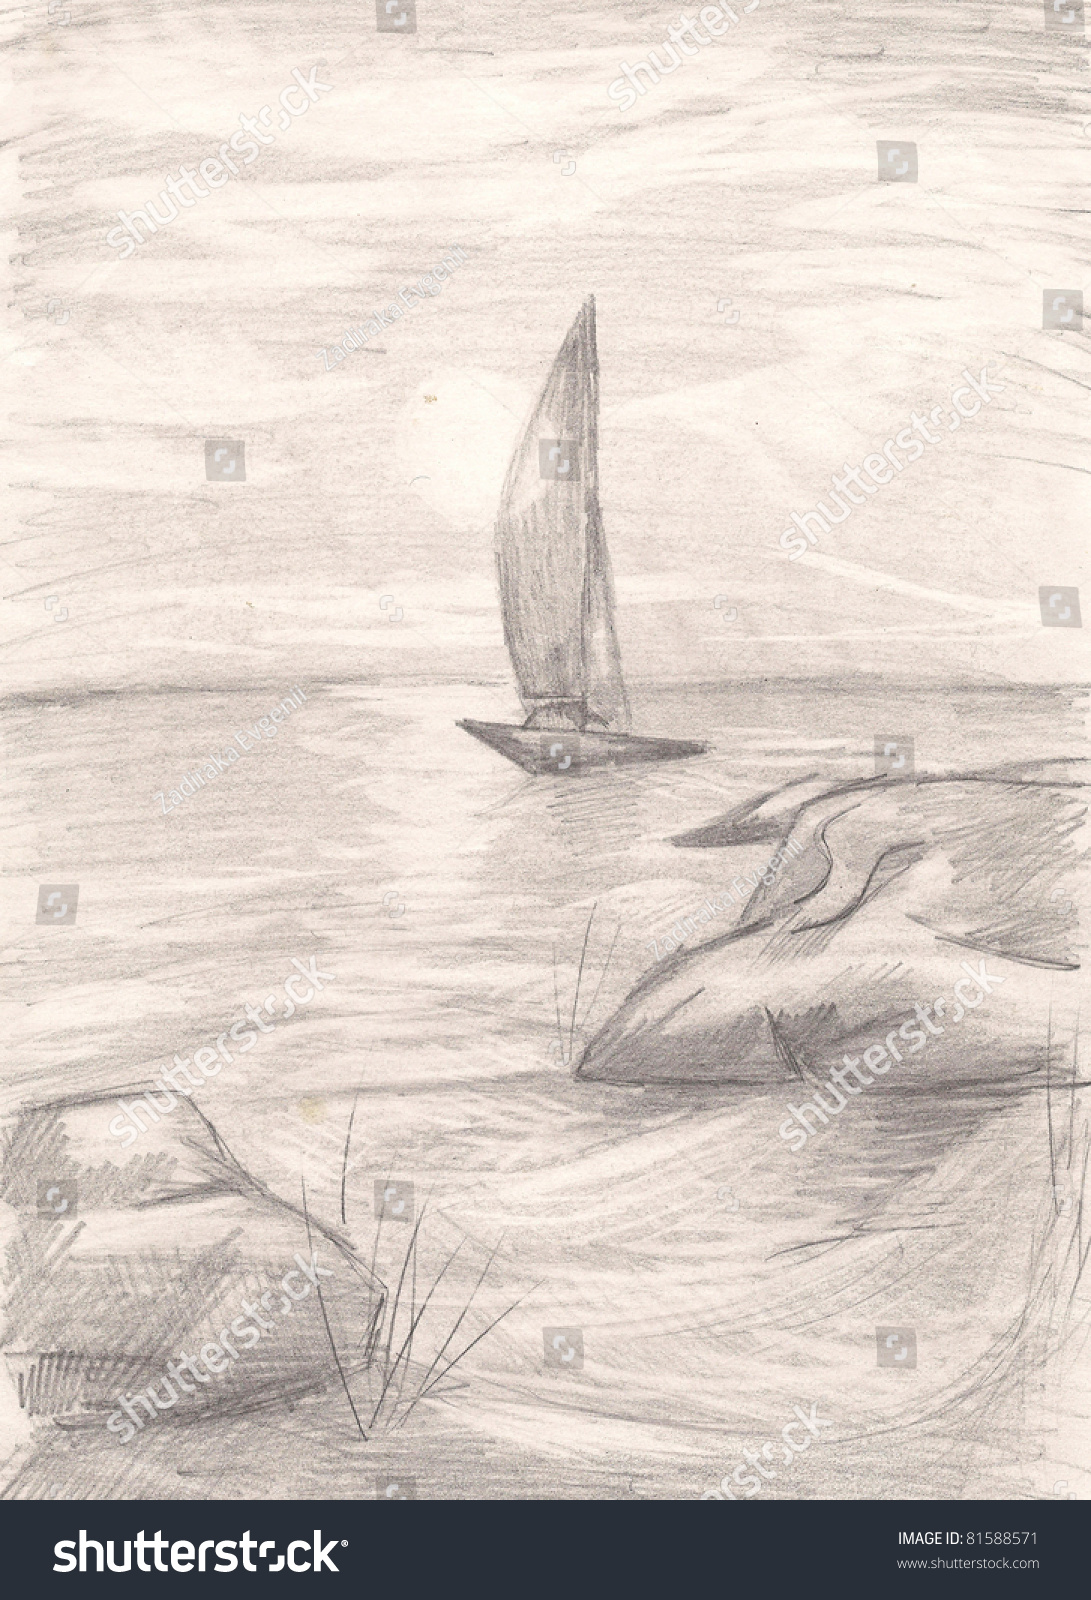 Ship at sea pencil drawing